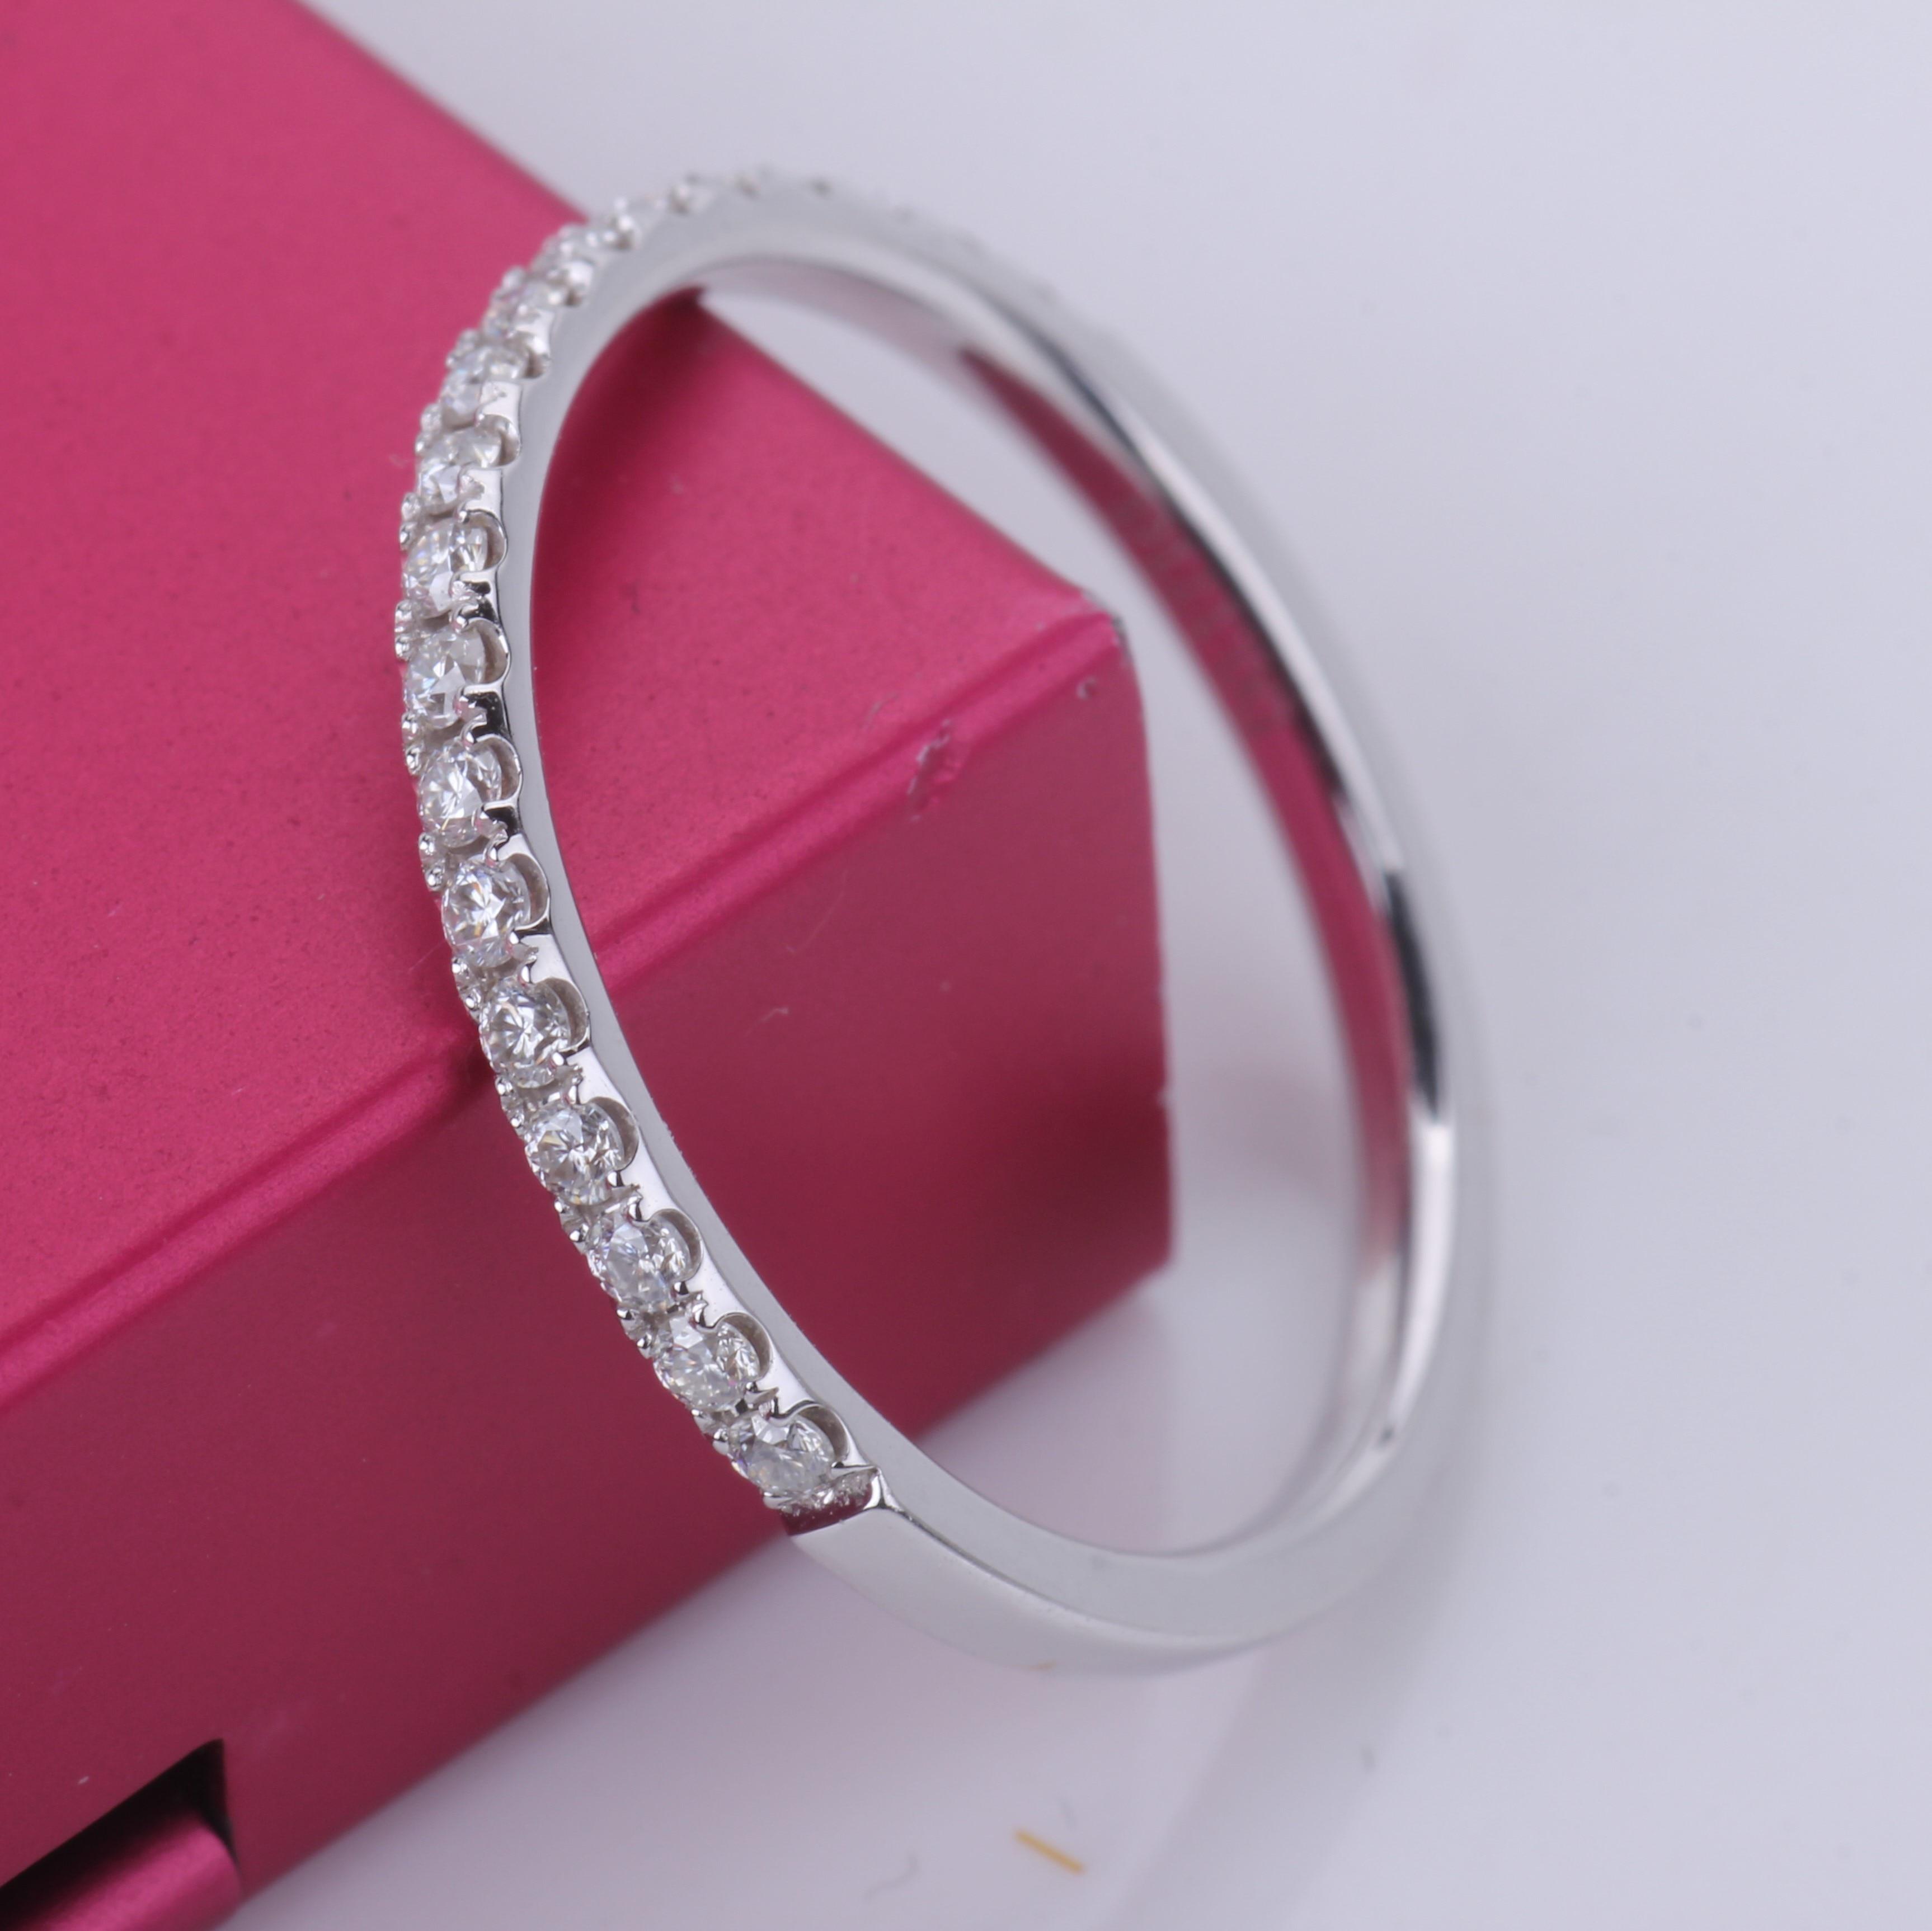 Женское Обручальное кольцо с бриллиантом moissanite, белое золото 14 к, обручальное кольцо средней длины, однорядное кольцо